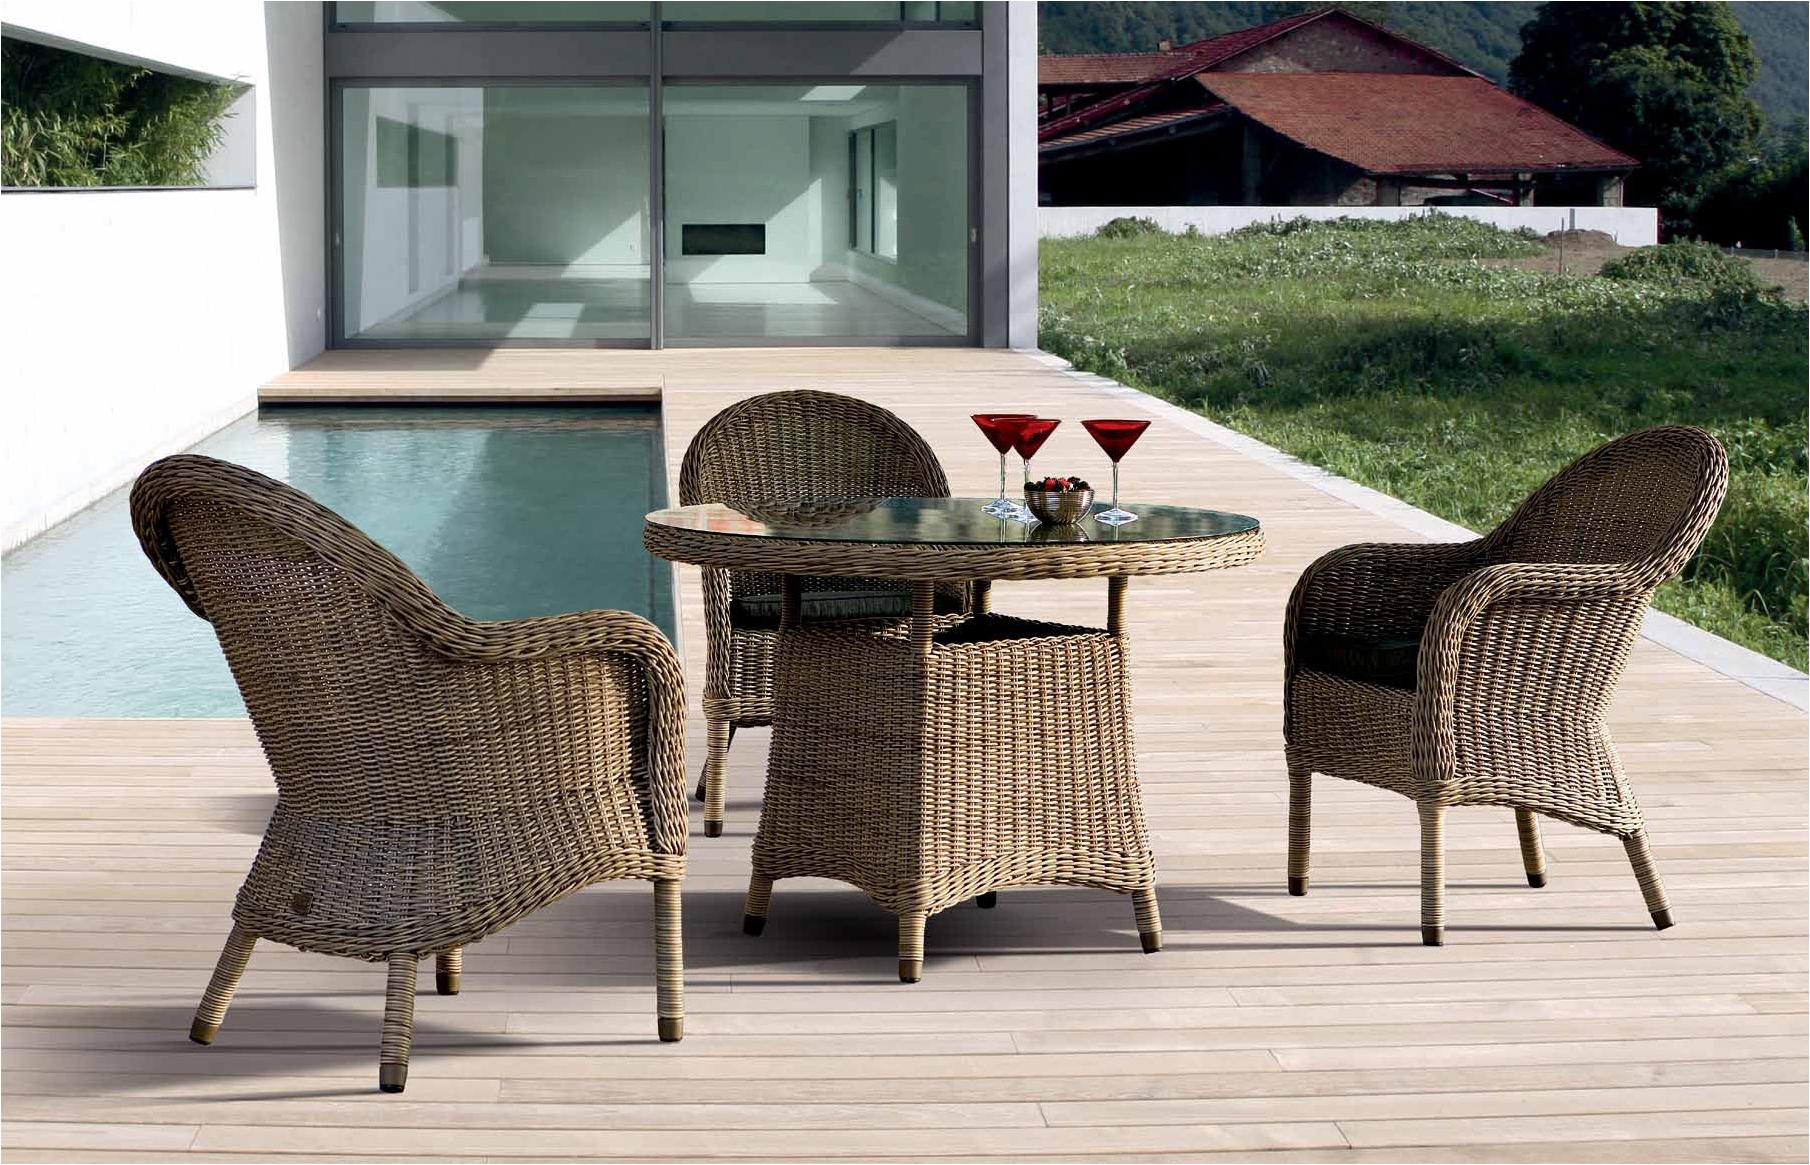 Geant muebles de jardin obtenga ideas dise o de muebles for Muebles de jardin valencia